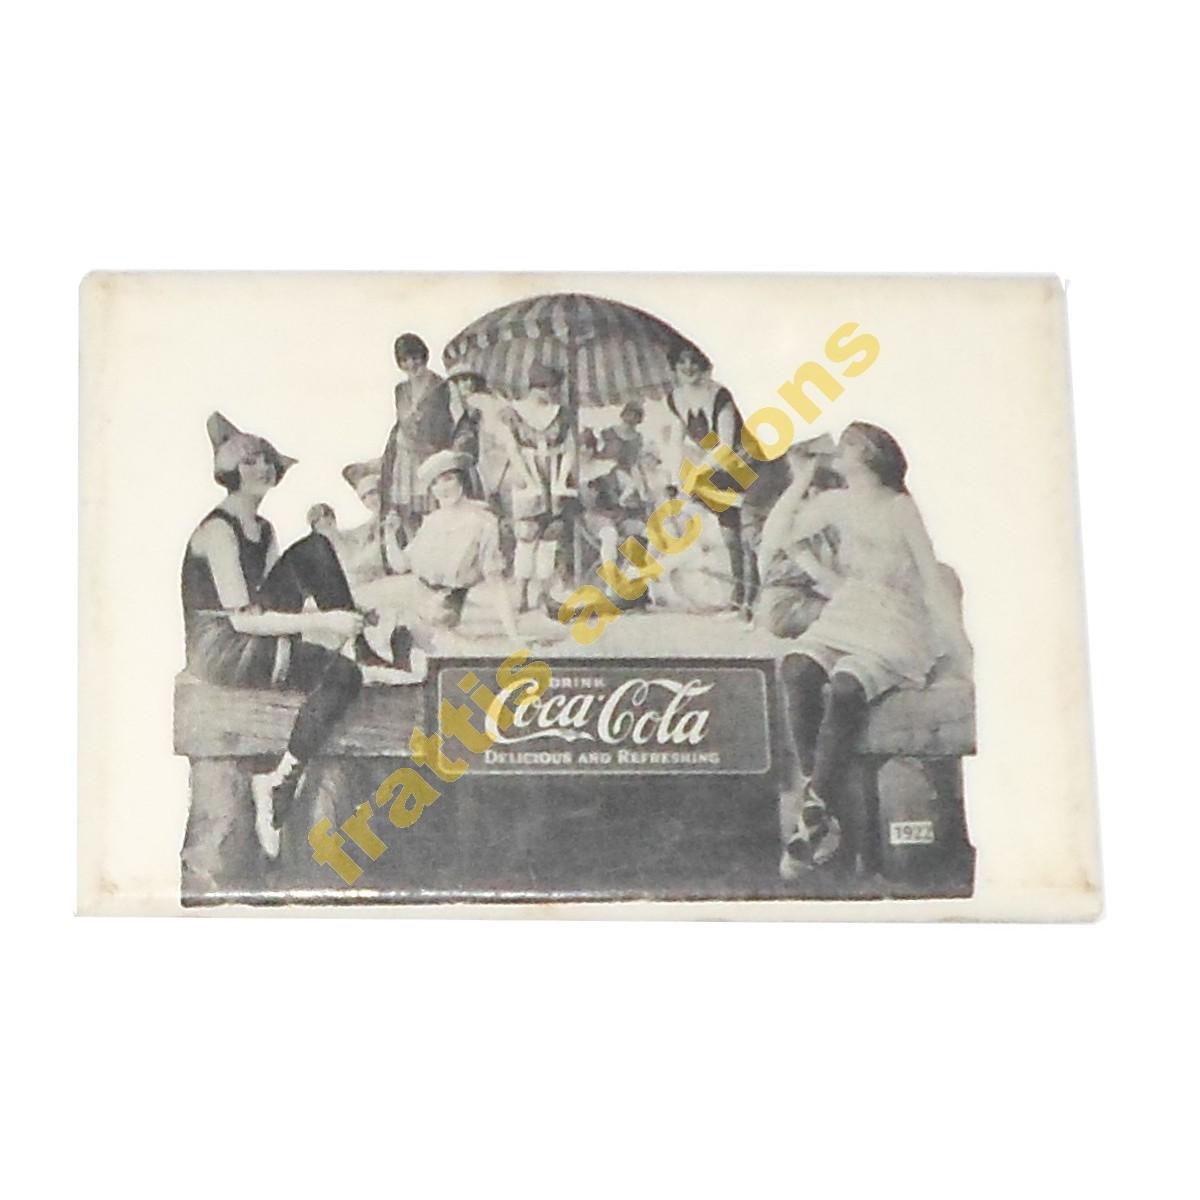 Διαφημιστικό καθρεφτάκι COCA COLA, 1922.